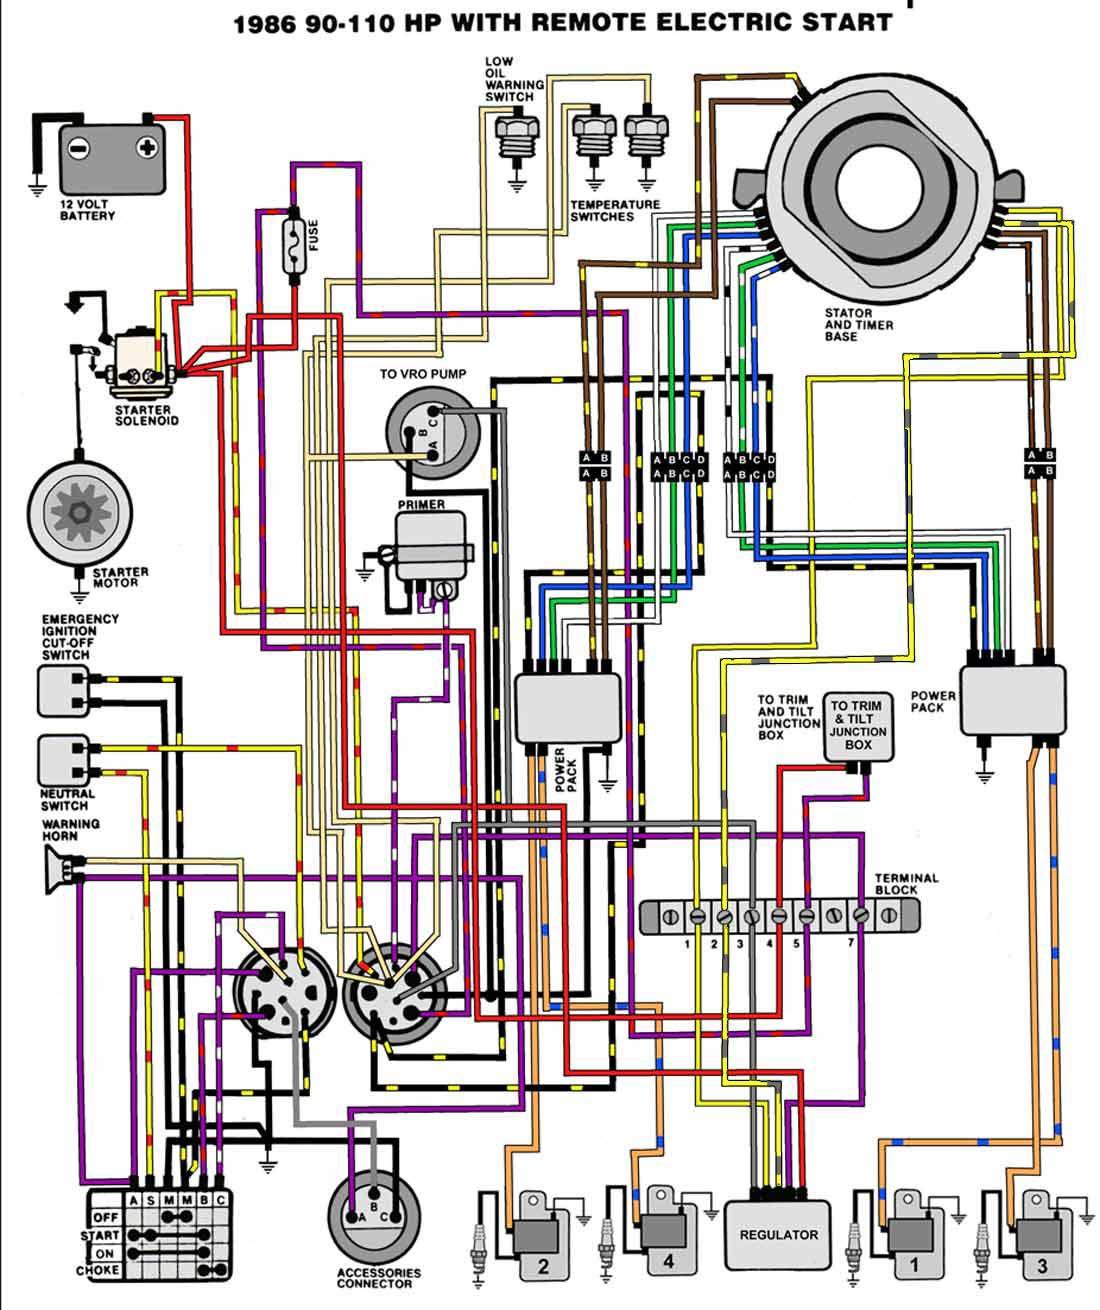 0583653 Omc Wiring Diagram Wiring Schematics Diagram OMC Key Switch Diagram 1989 Sunbeam Omc Wiring Diagram